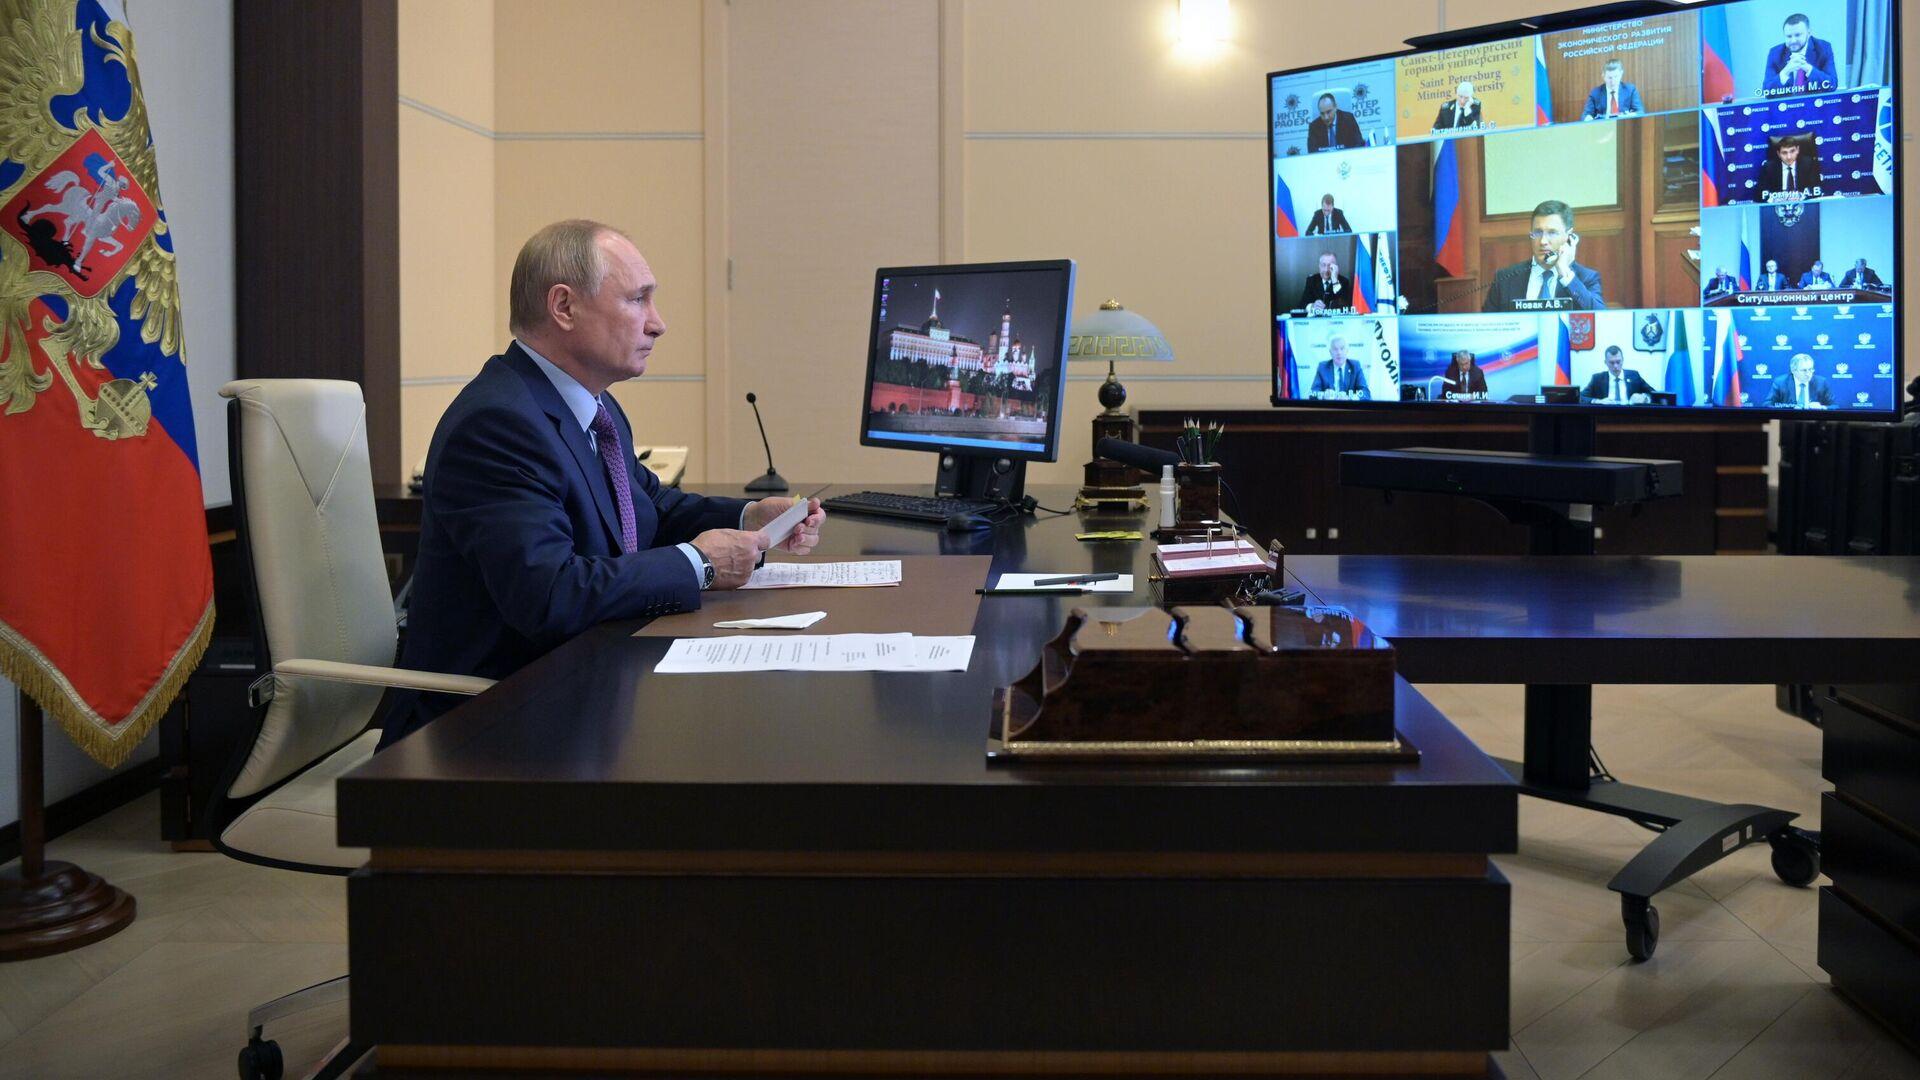 El presidente de Rusia, Vladímir Putin, durante una videoconferencia sobre el desarrollo de la energía en Rusia, 6 de octubre - Sputnik Mundo, 1920, 06.10.2021